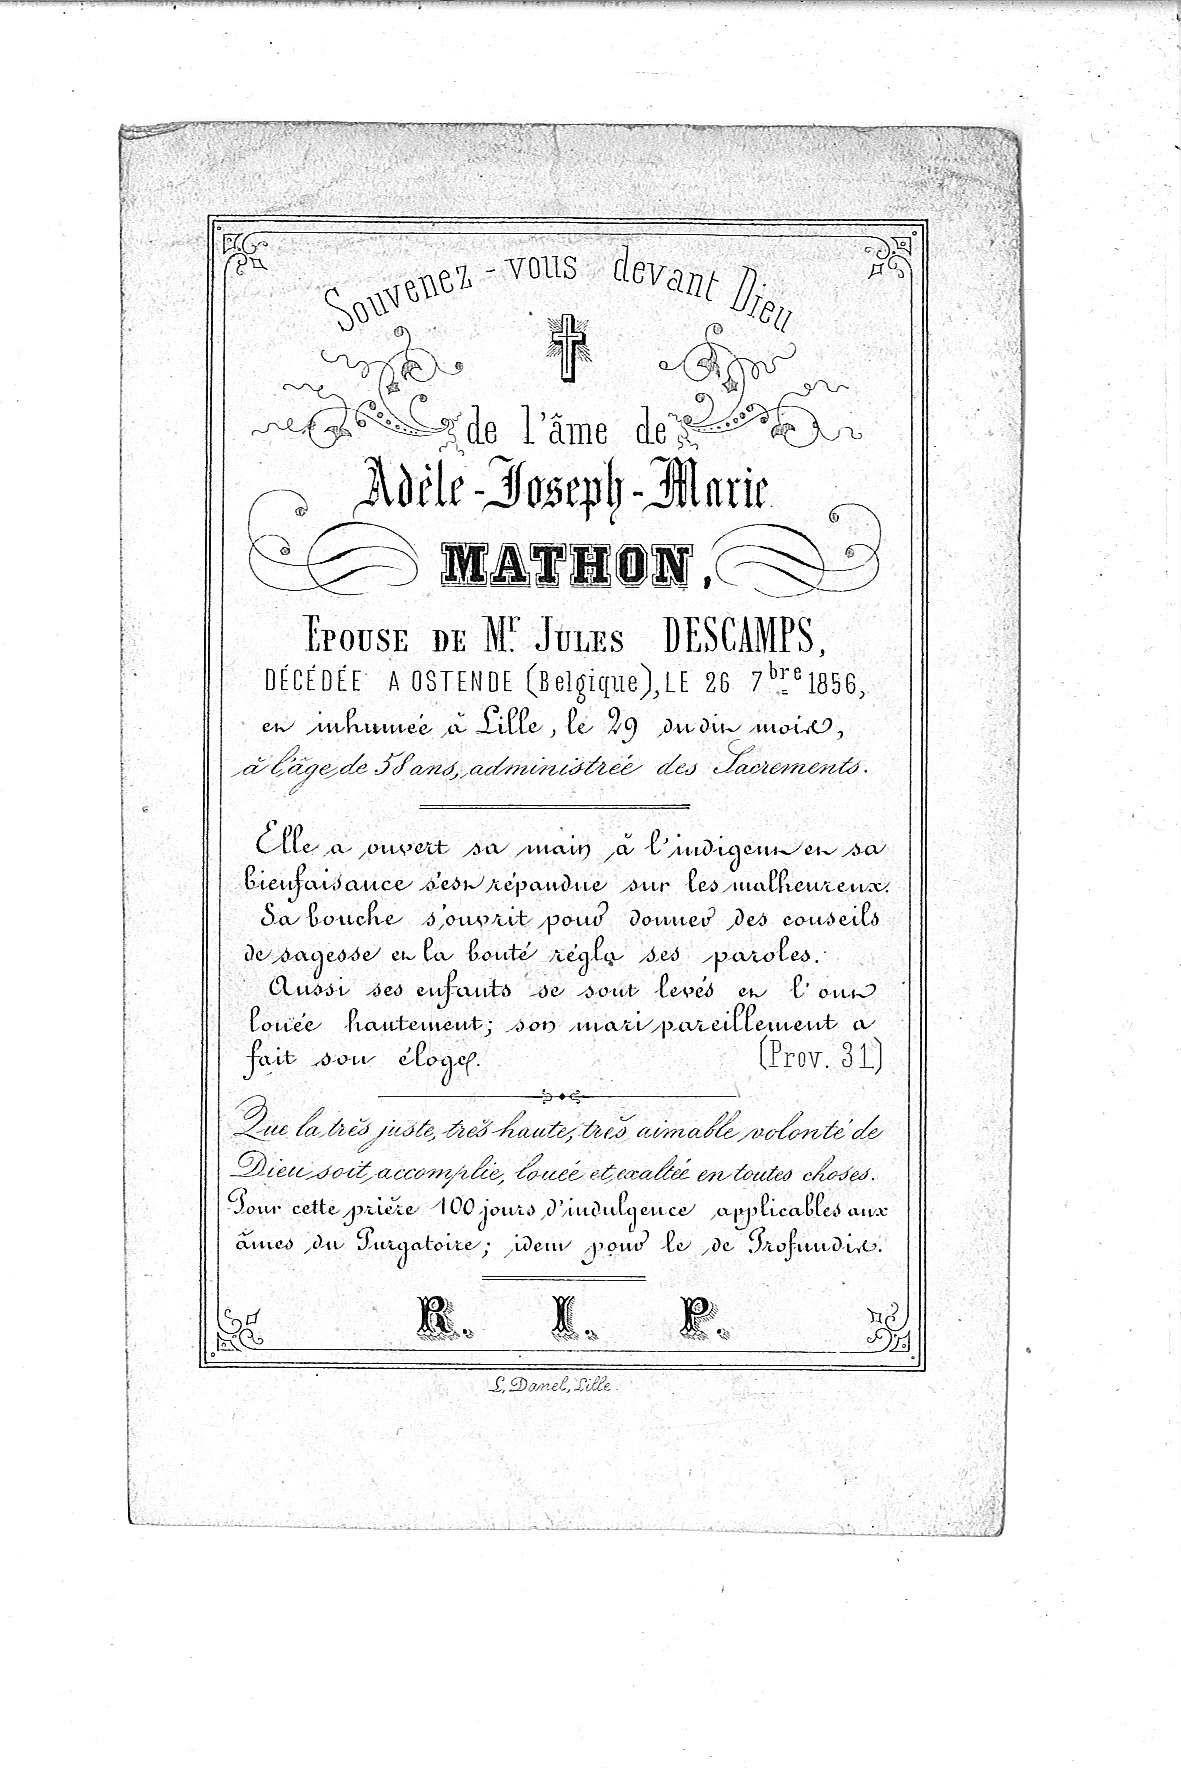 Adèle-Joseph-Marie(1856)20100202164201_00001.jpg